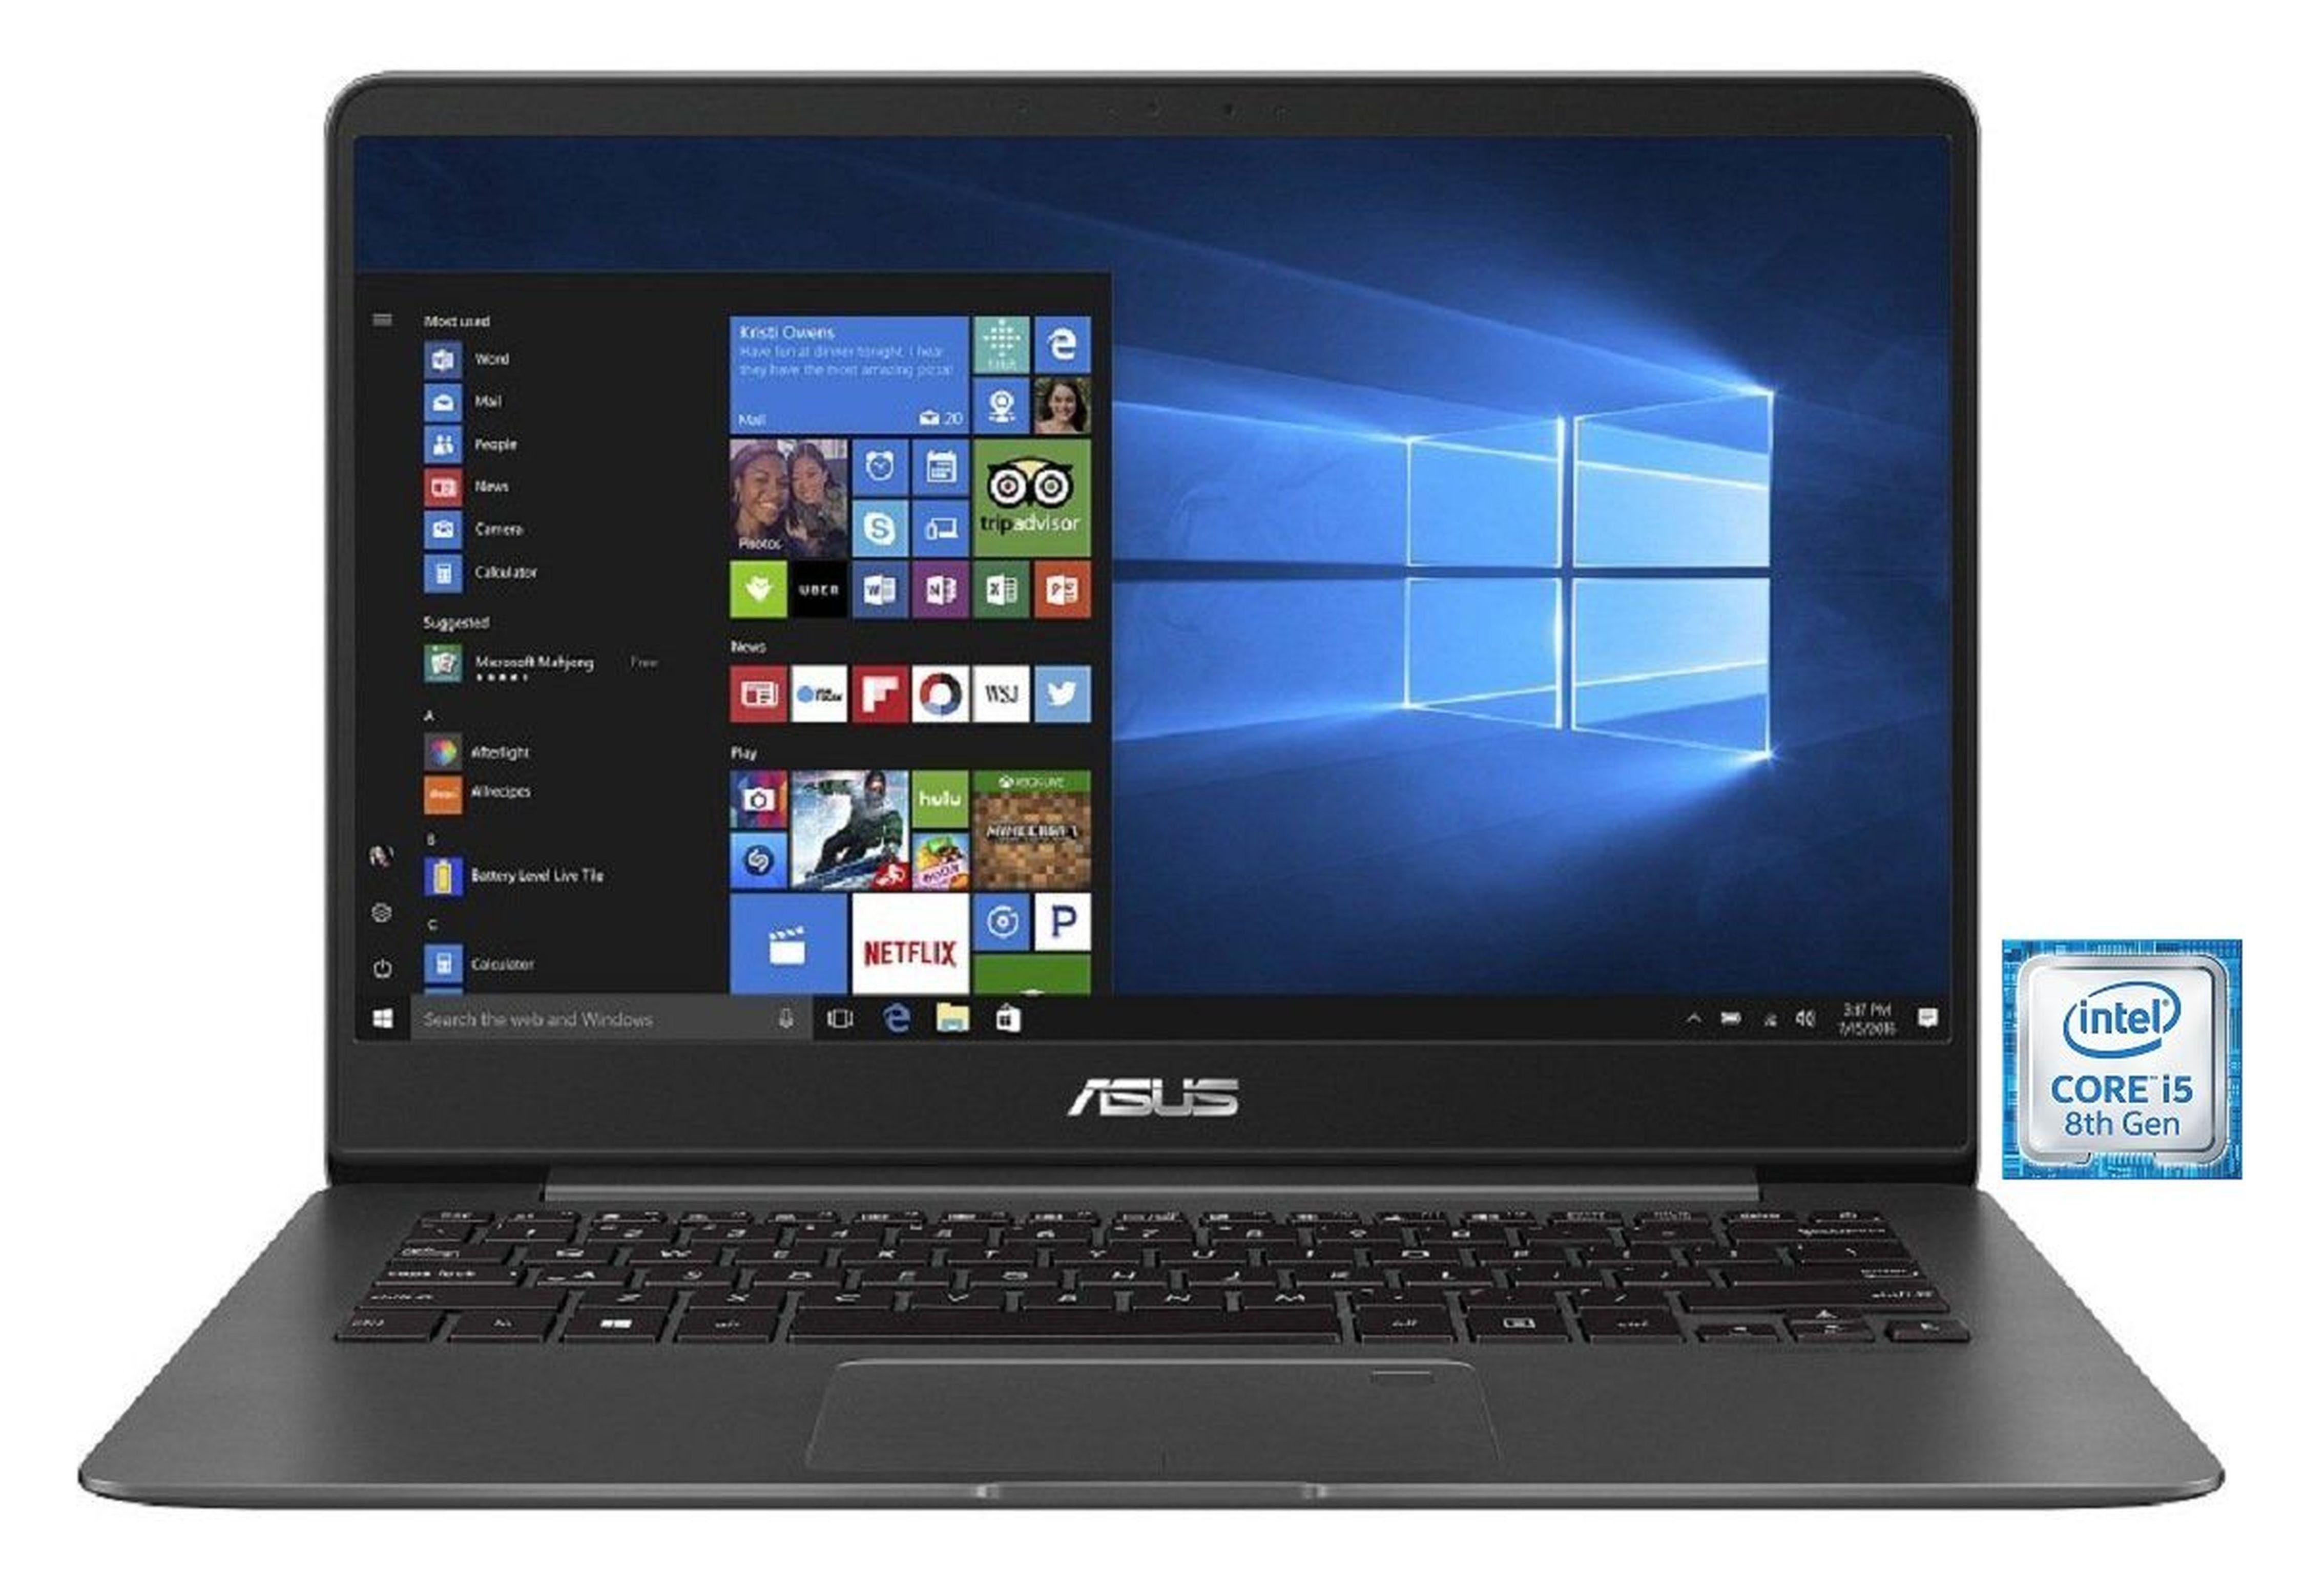 """ASUS ZenBook UX3430UN-GV065T Notebook »Intel Core i5, 35,56 cm(14"""")256 GB SSD, 16 GB«"""